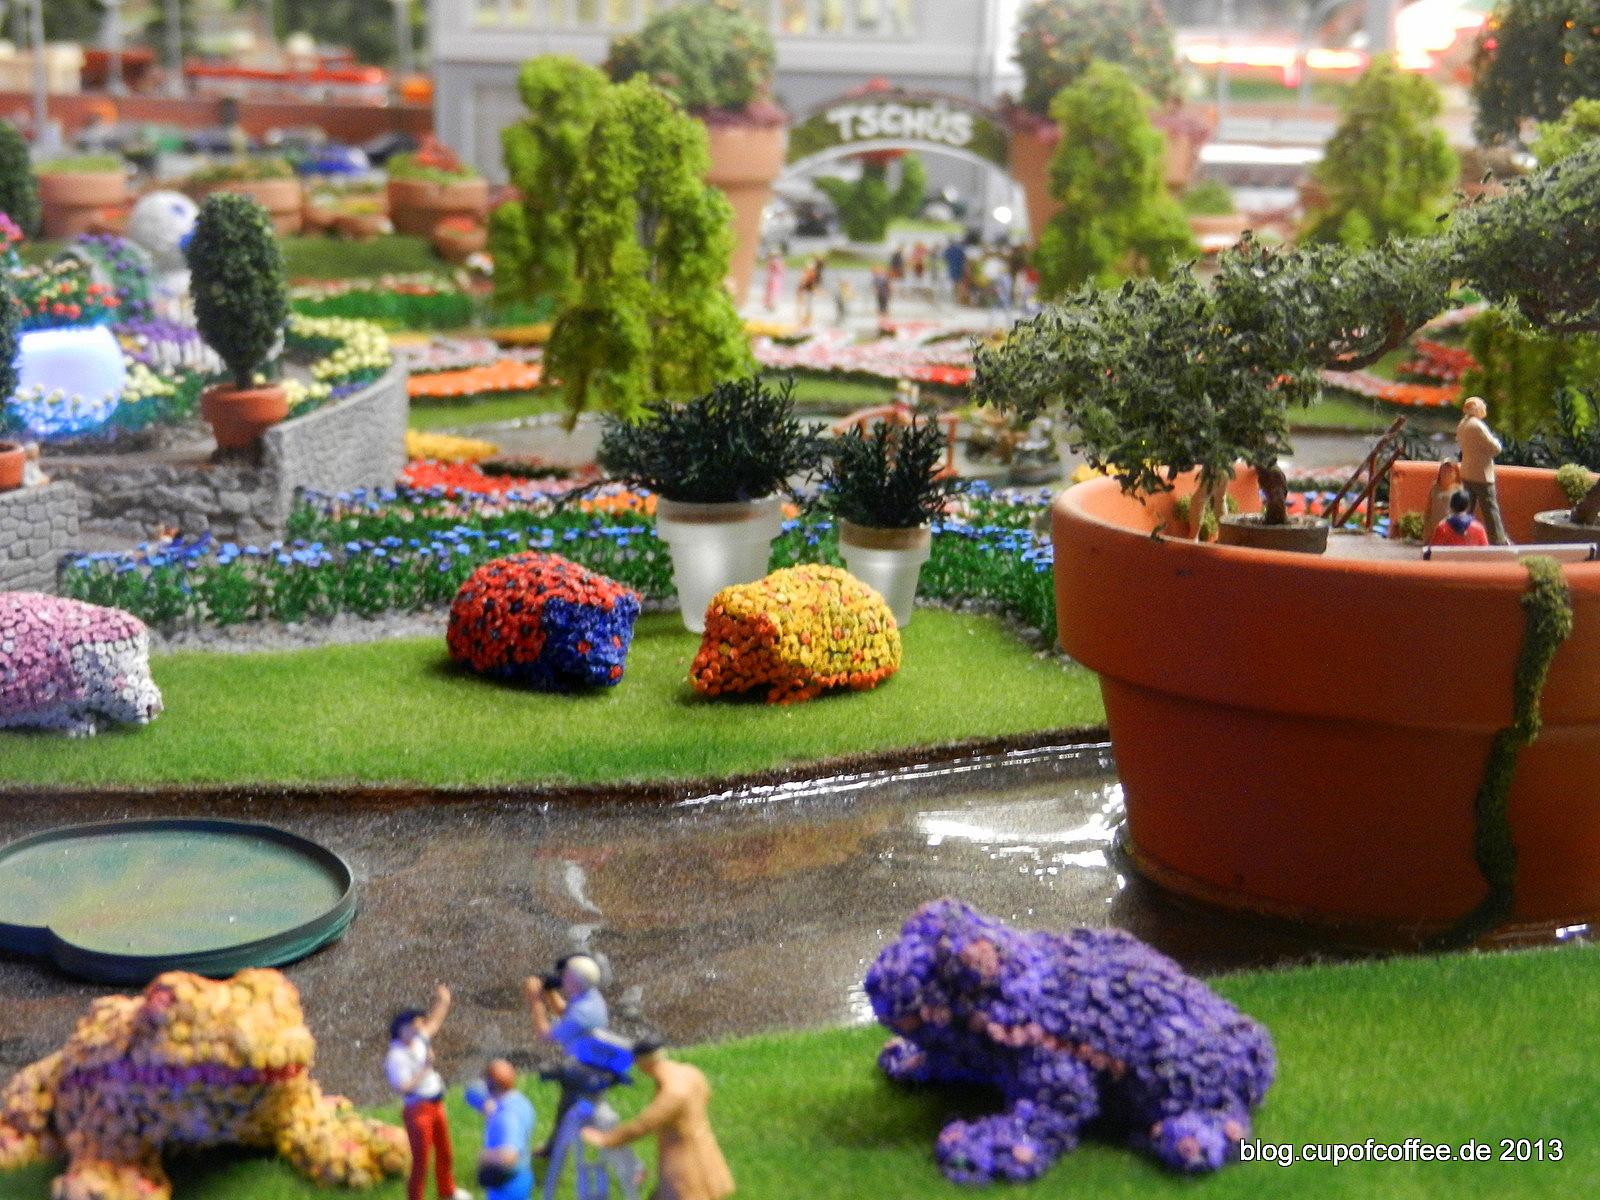 Der Miniatur Garten ist eine echte Spielwiese für die krativen Wunderläner Modellbauer.